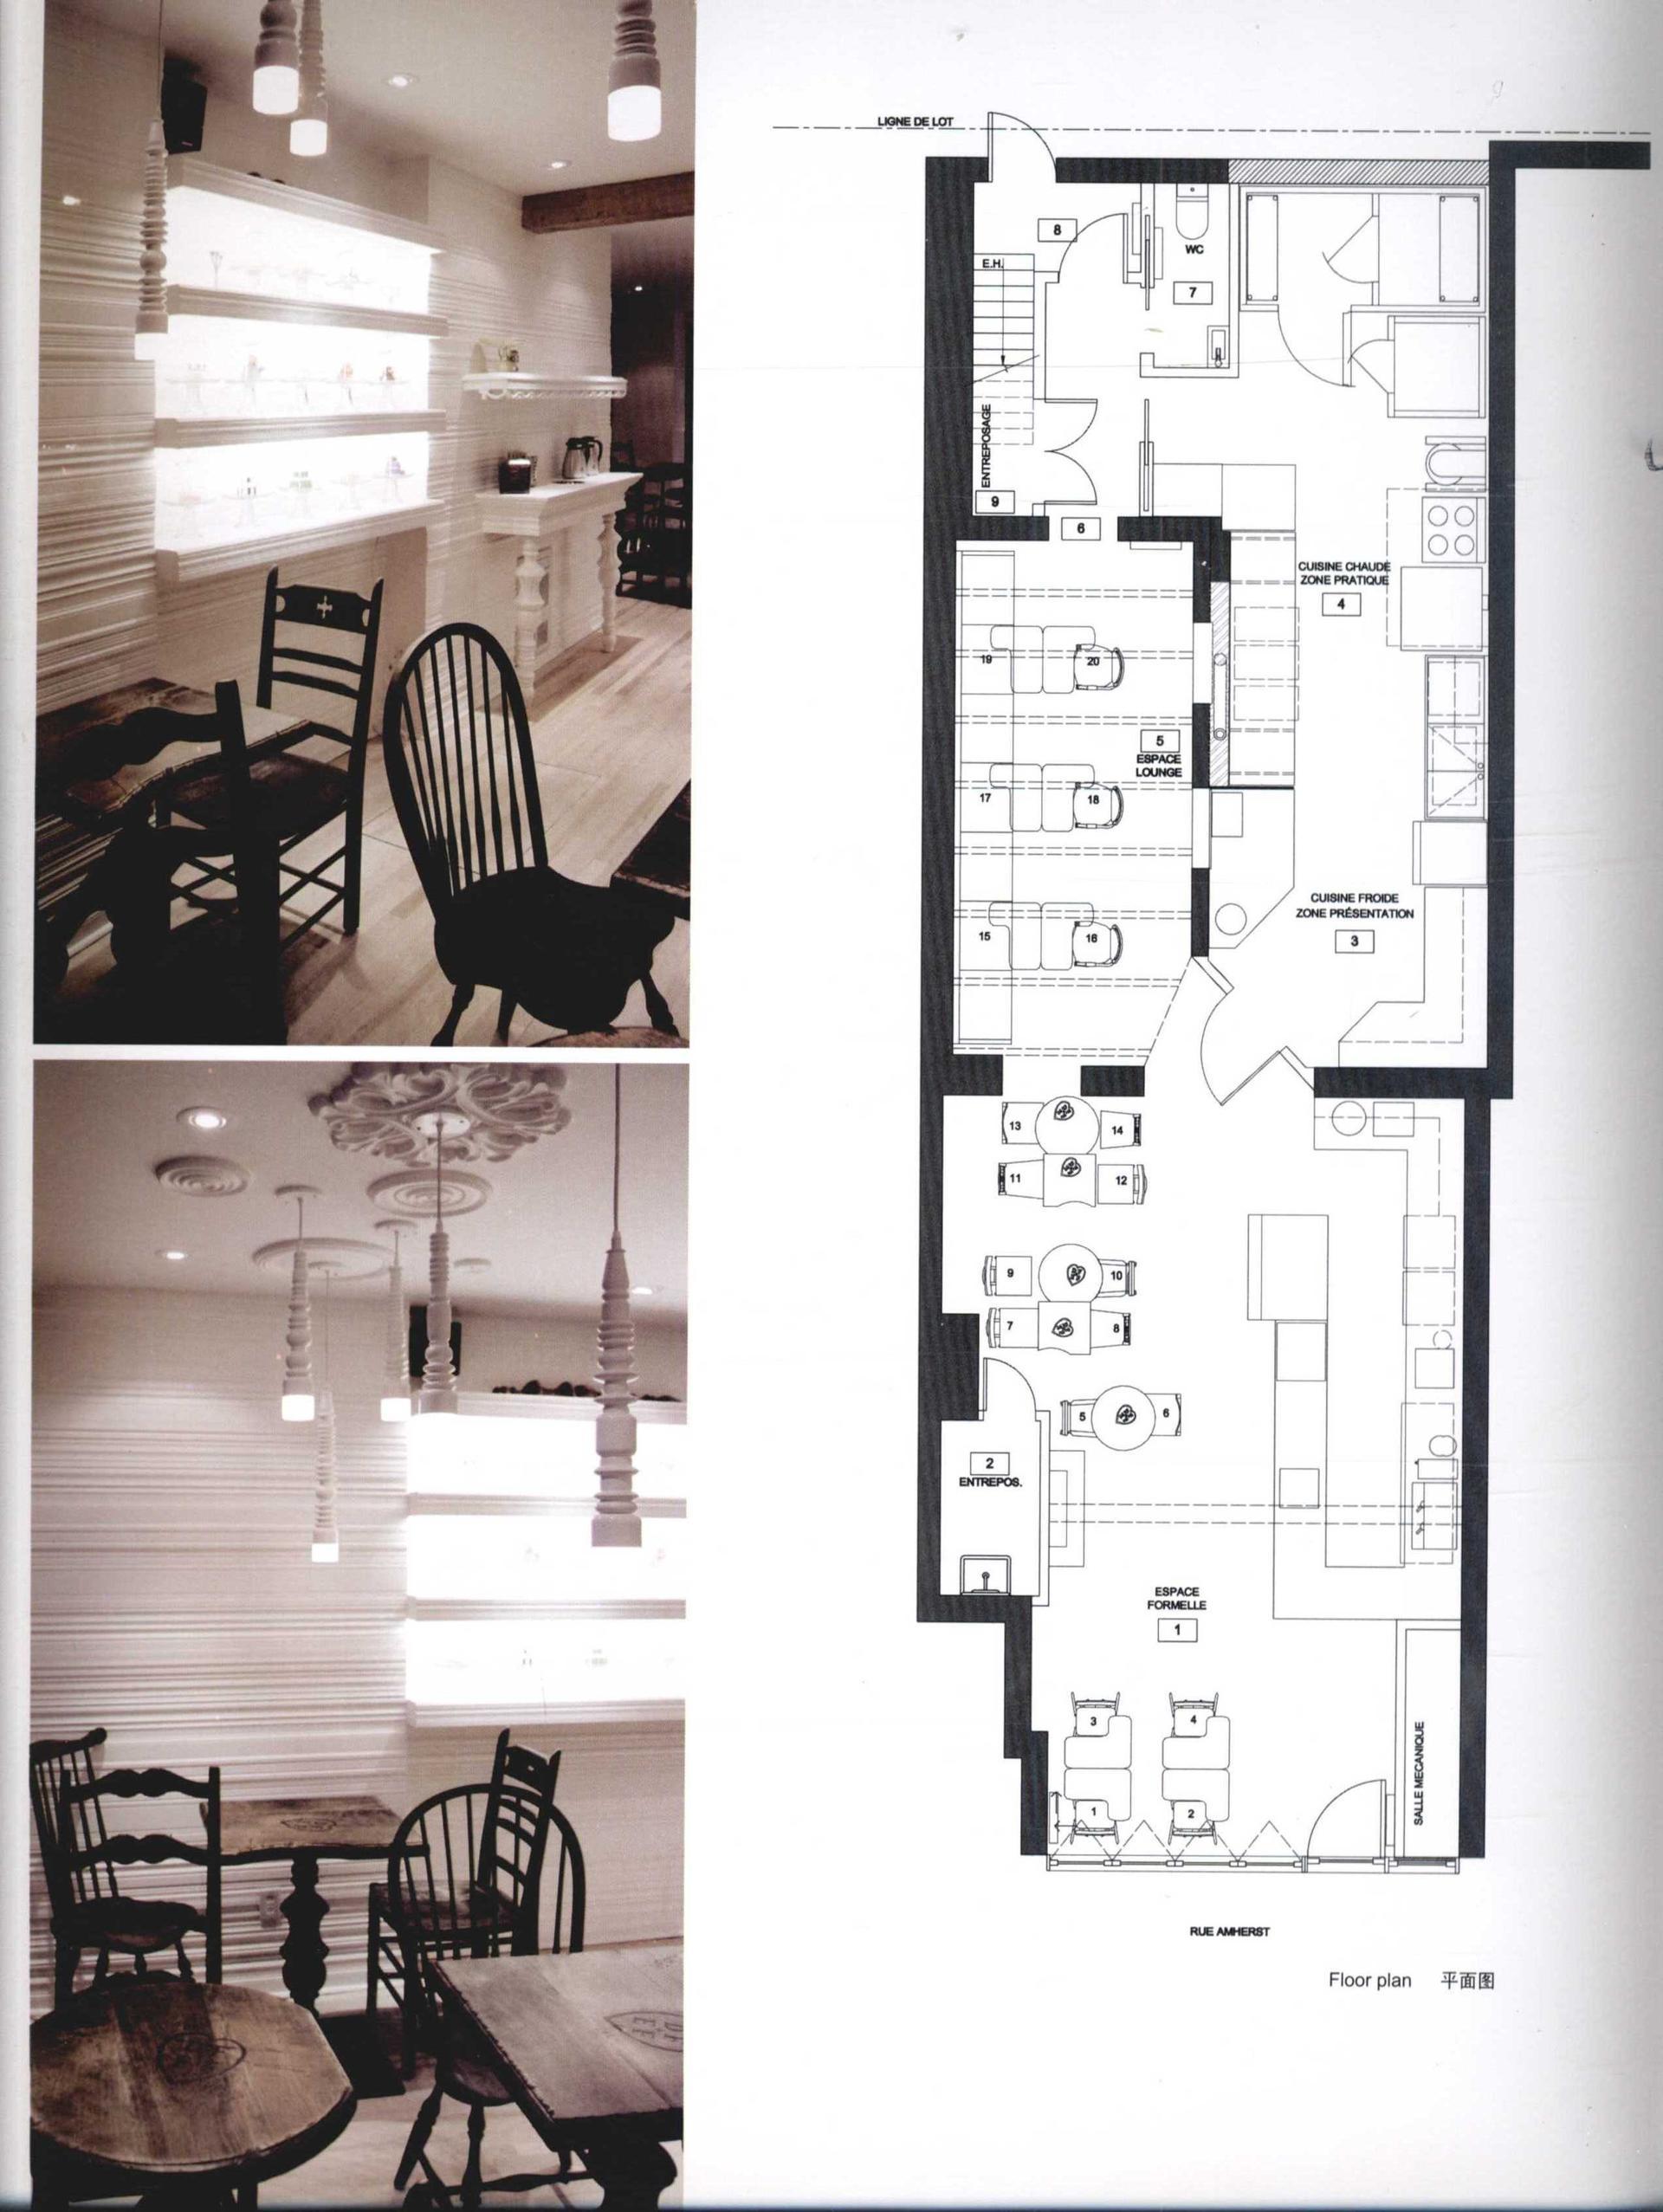 2012全球室内设计年鉴  餐饮_Page_255.jpg